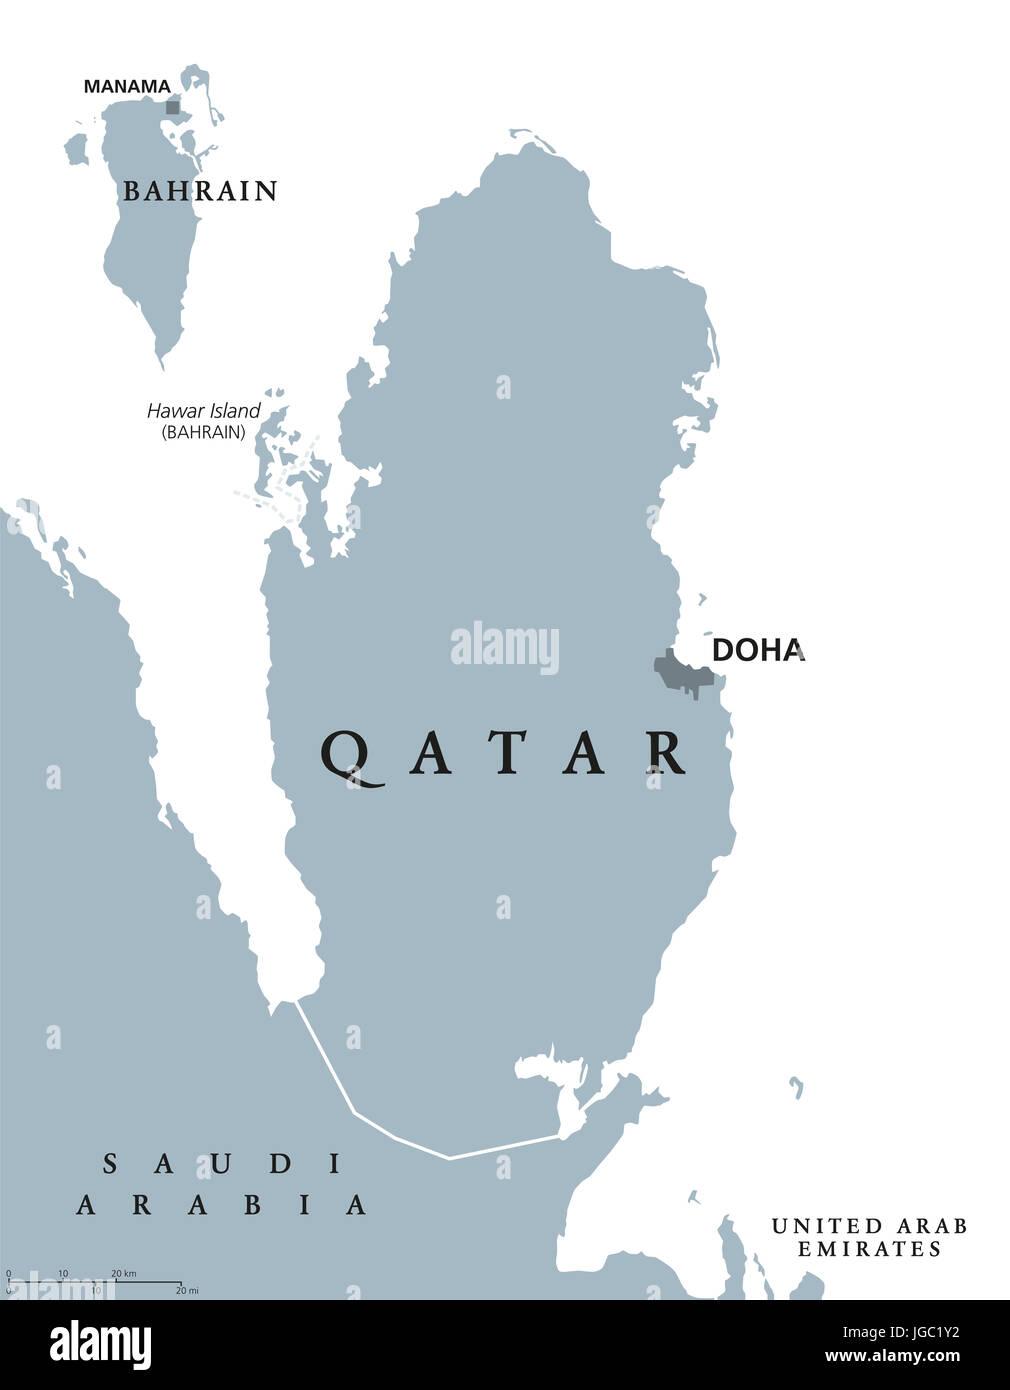 Katar Landkarte Mit Hauptstadt Doha Staat Und Souveranes Land In